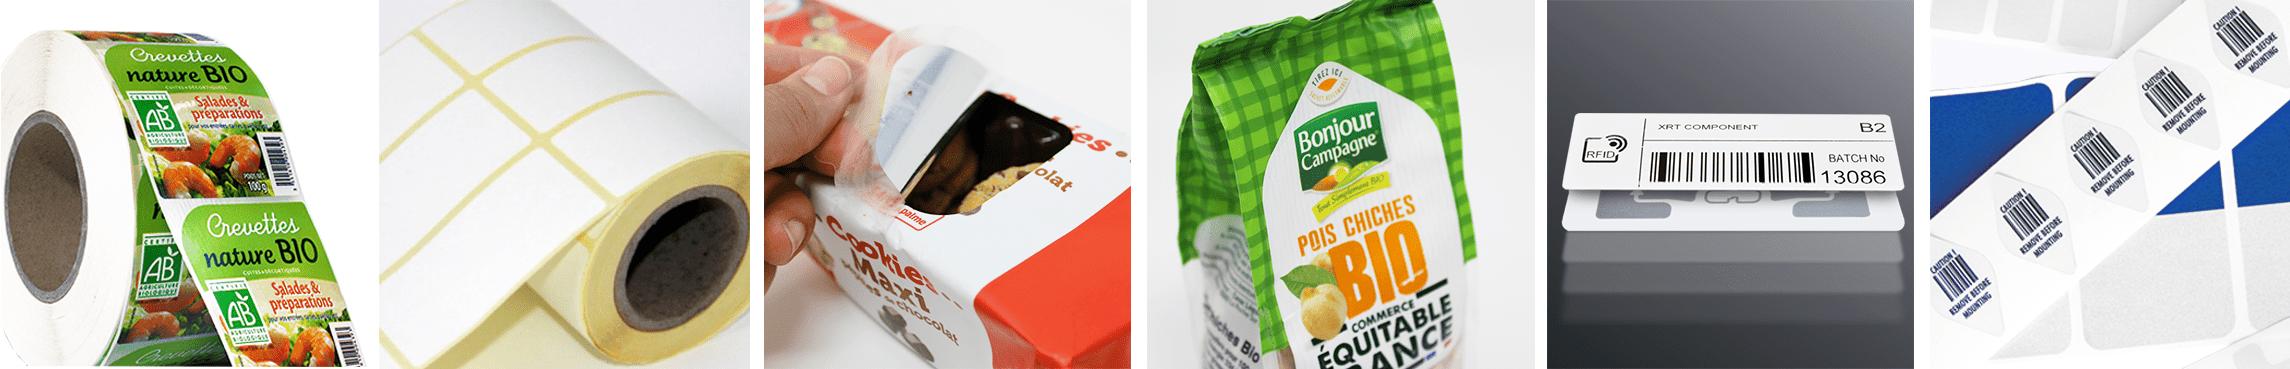 etik ouest concepteur et fabricant d'étiquettes agroalimentaire vierge packaging rfid techniquee